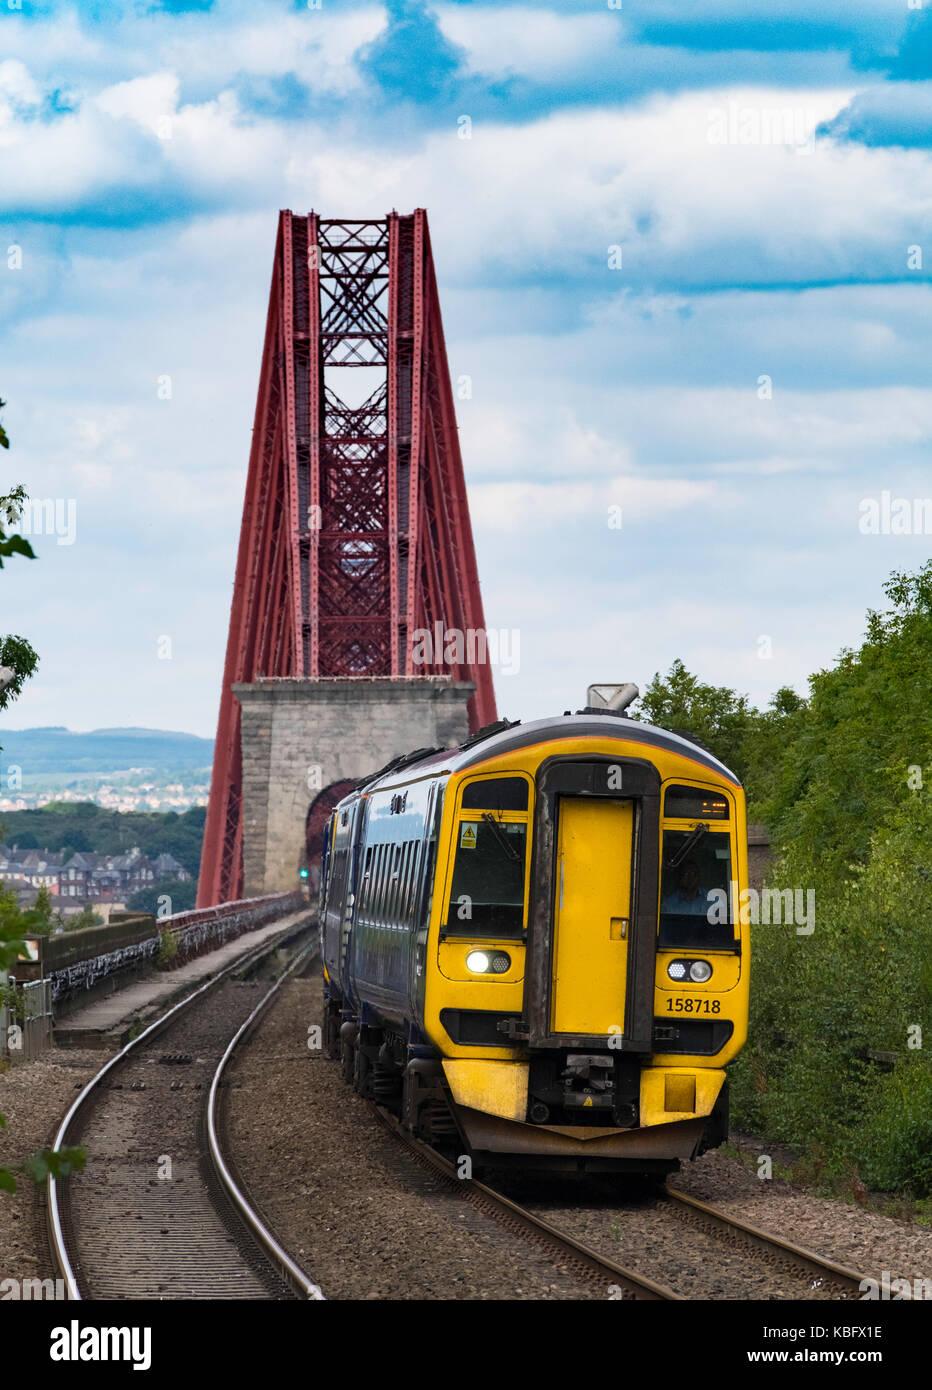 Avis de voyageurs scotrail train approchant la gare dalmeny après le passage de l'avant pont de chemin Photo Stock